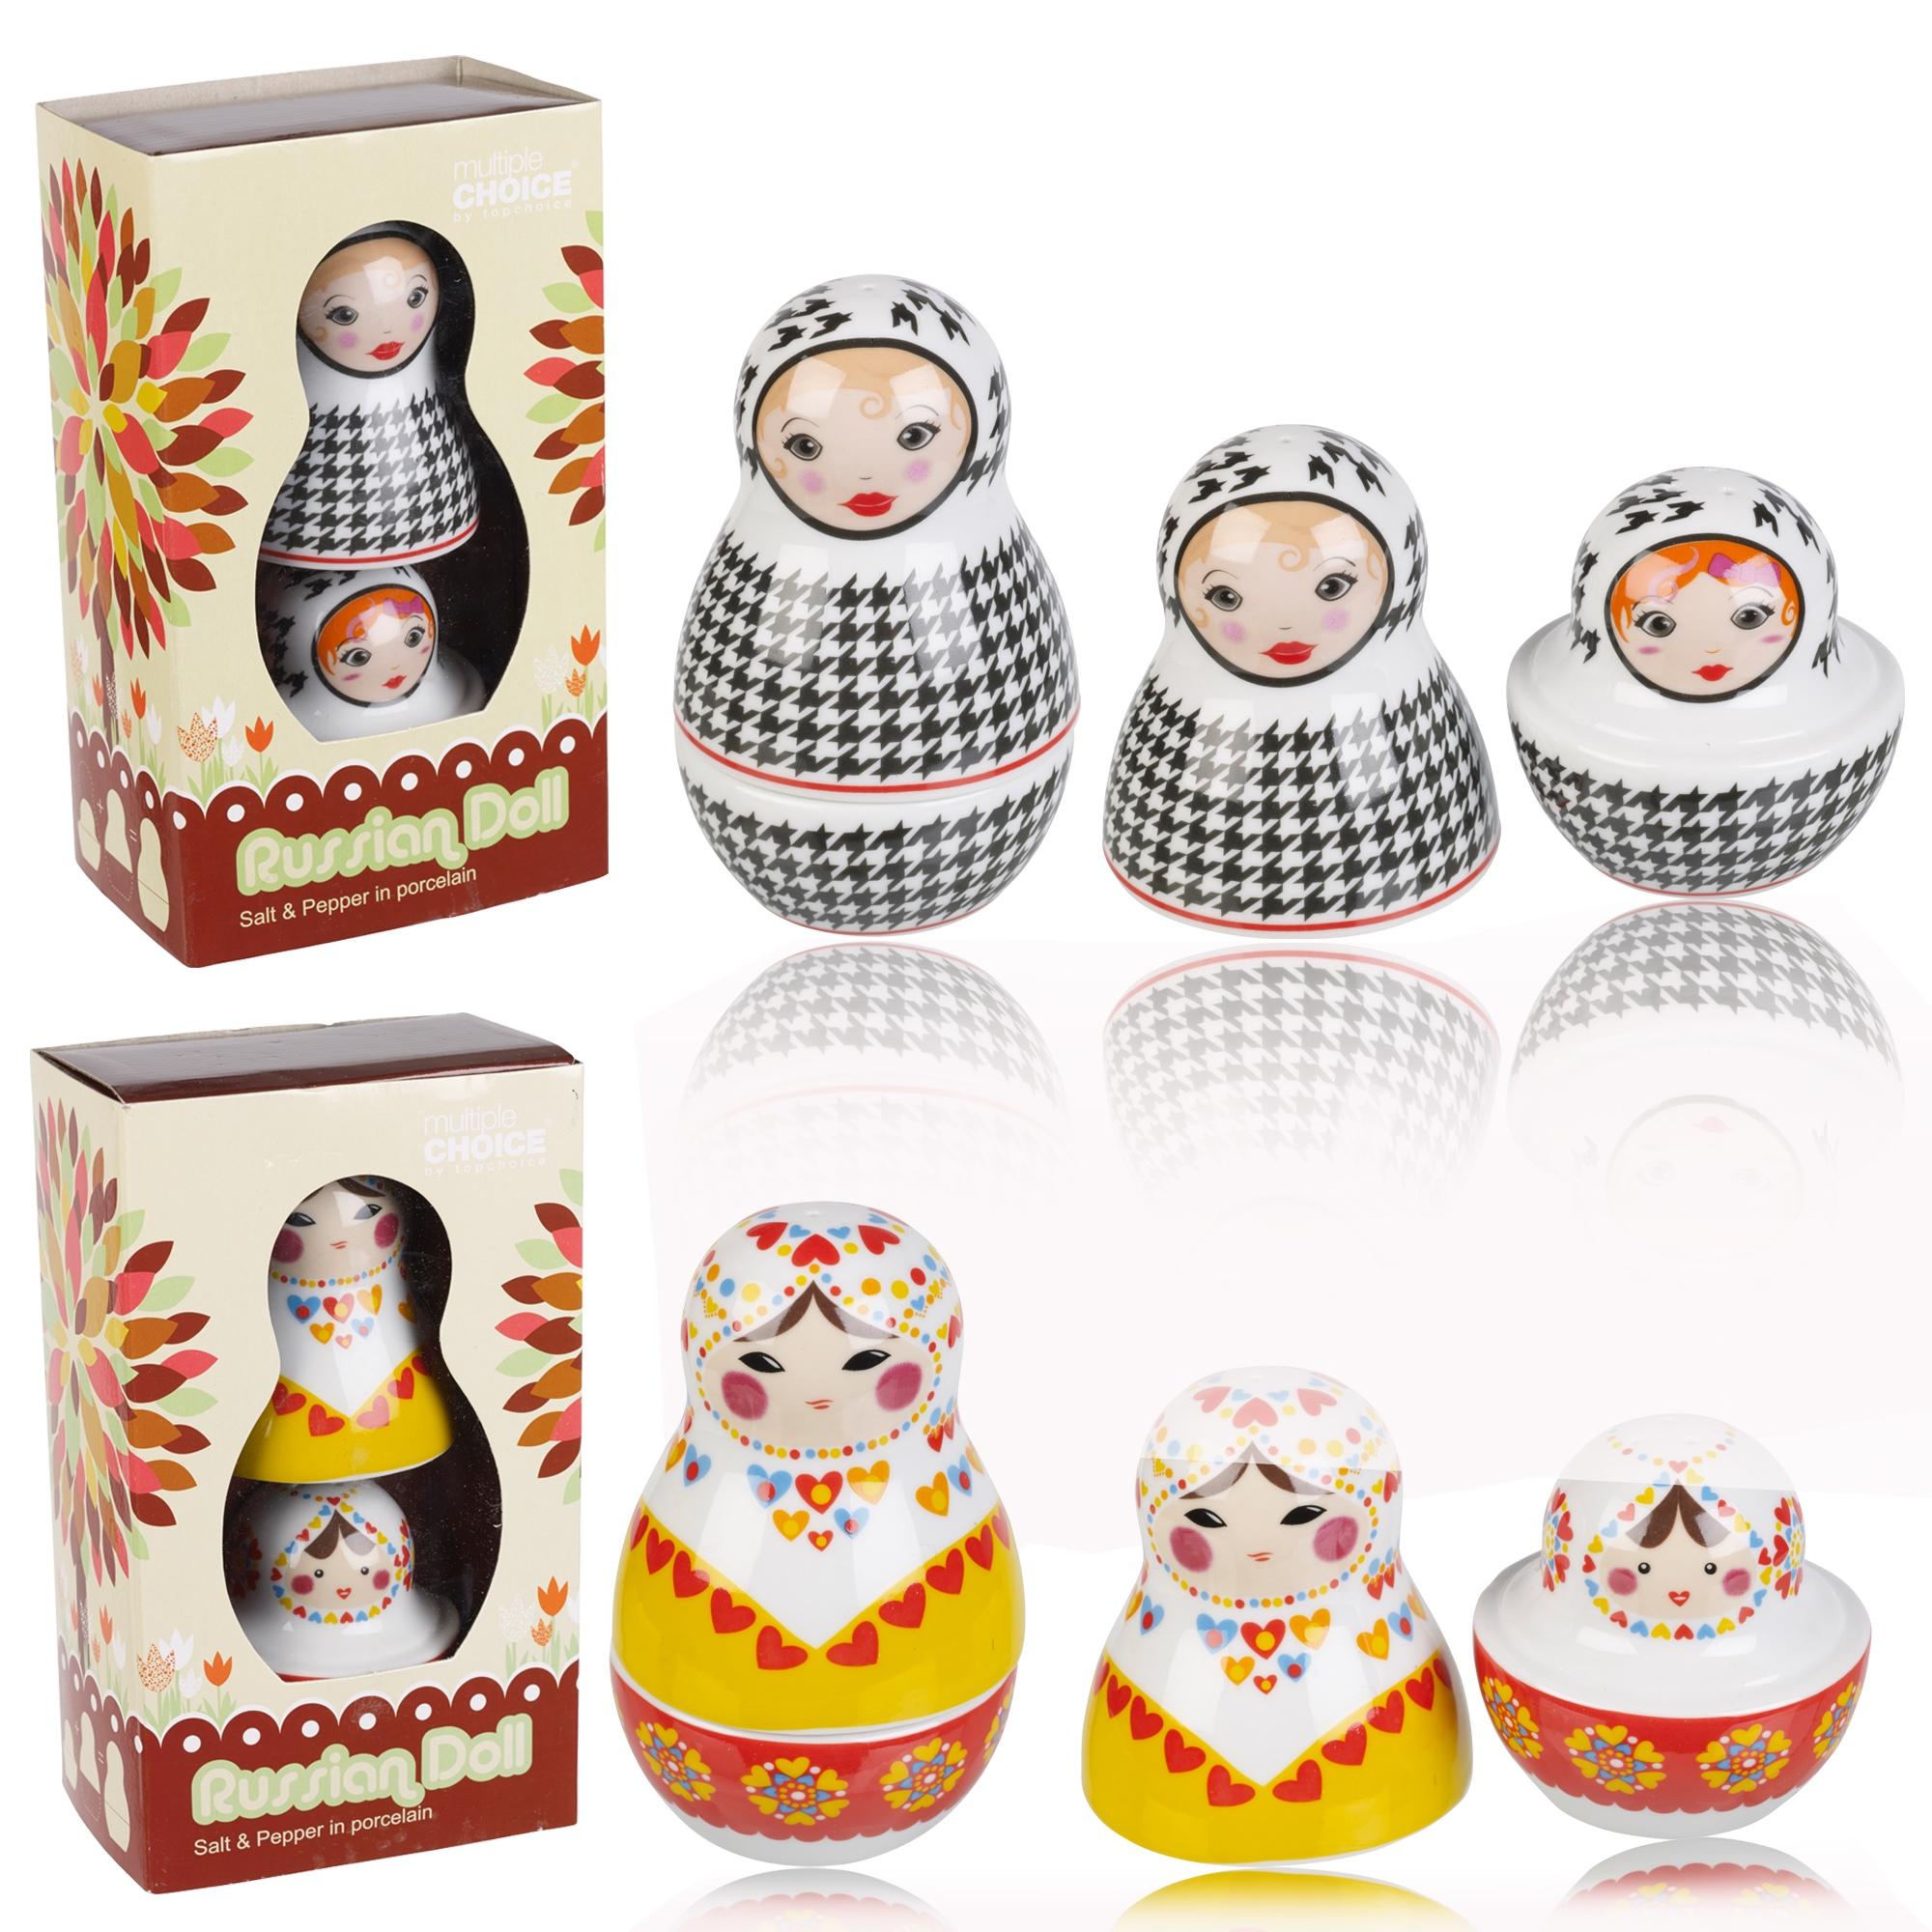 Russische Puppen NEUHEIT Salz und Pfeffer Blumentöpfe Schüttler ...